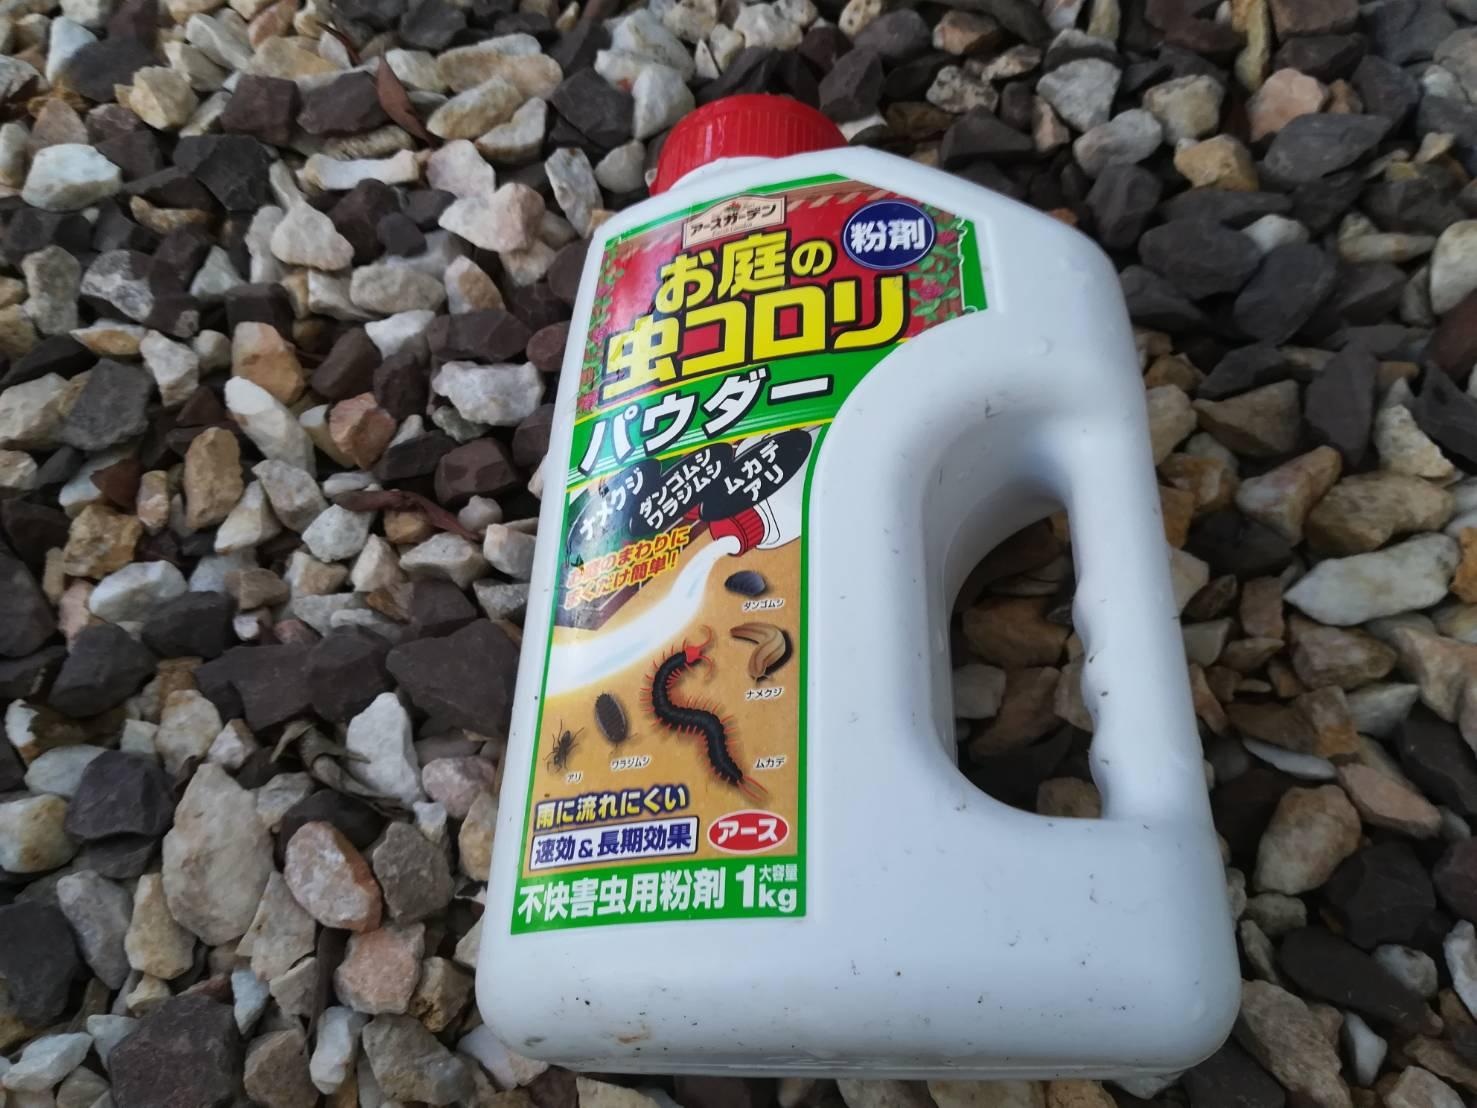 カブトムシを飼おう!≪蟻が大量発生した時の駆除方法≫